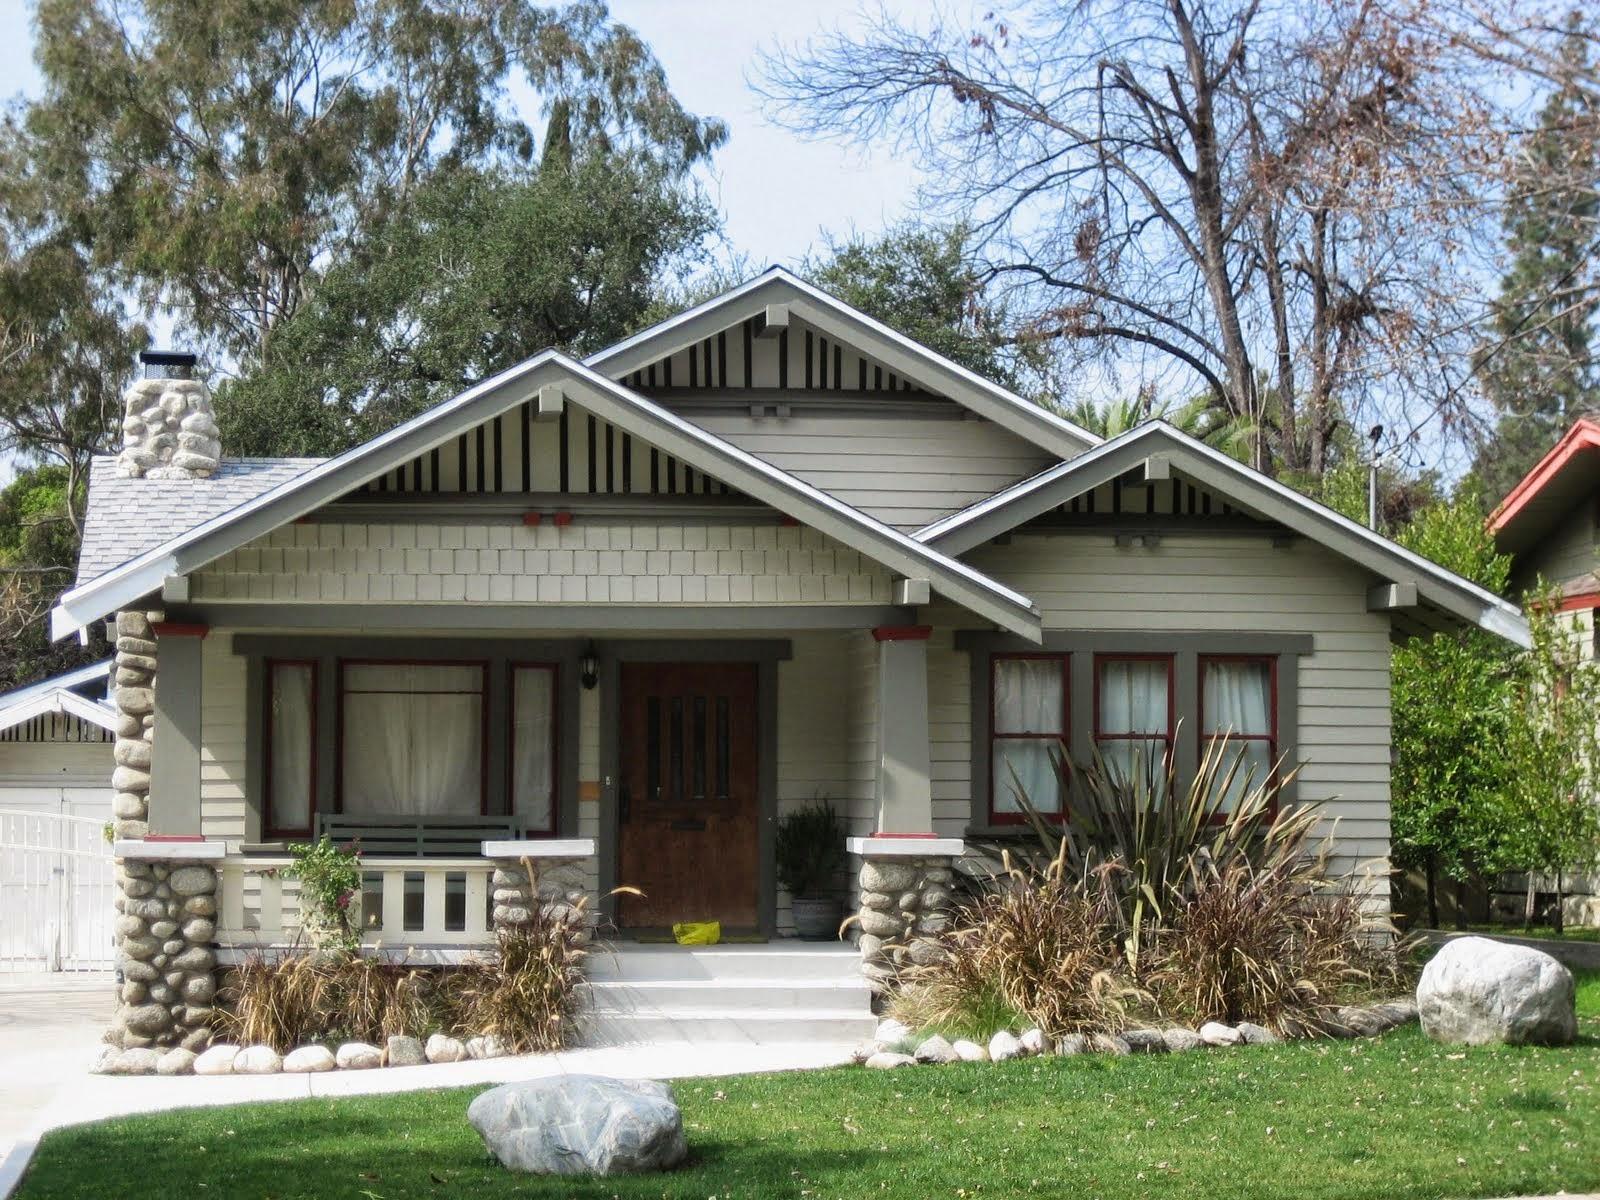 Exterior Home Design Ideas Siding